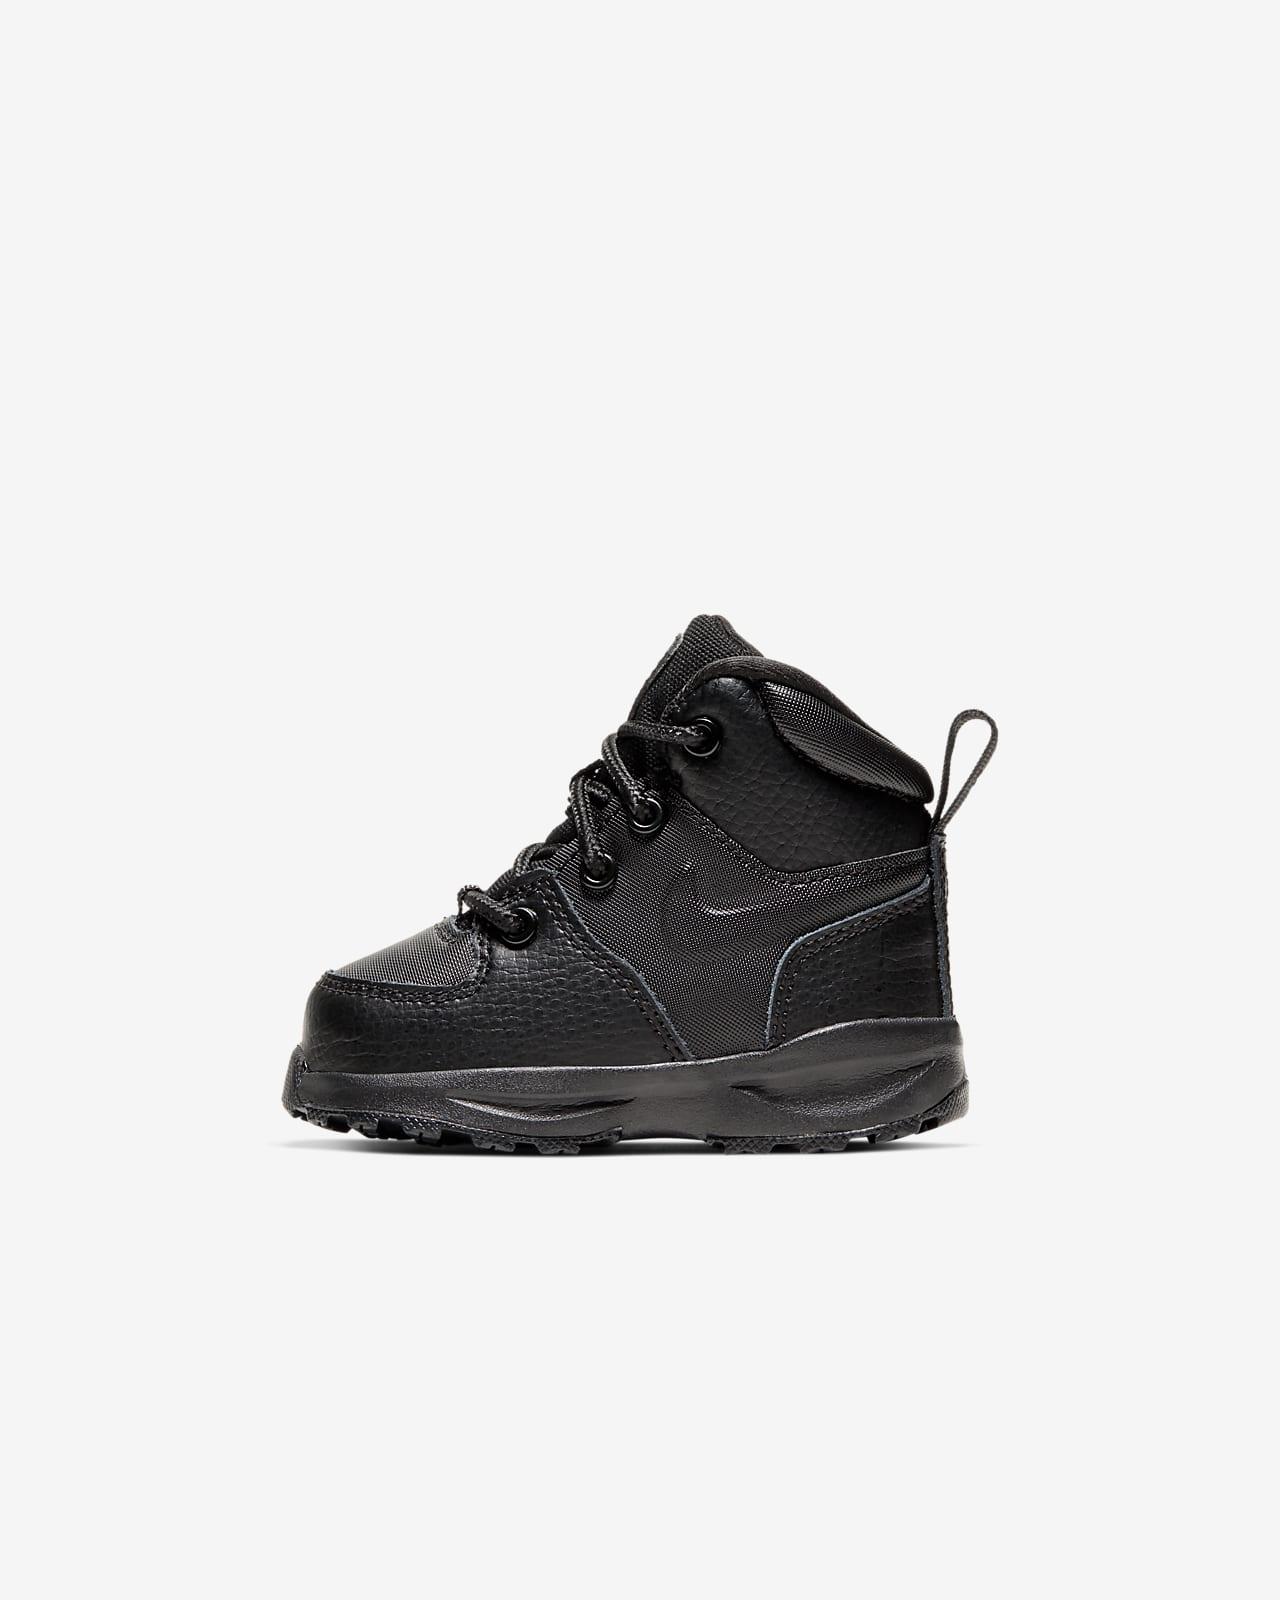 Buty dla niemowląt/maluchów Nike Manoa